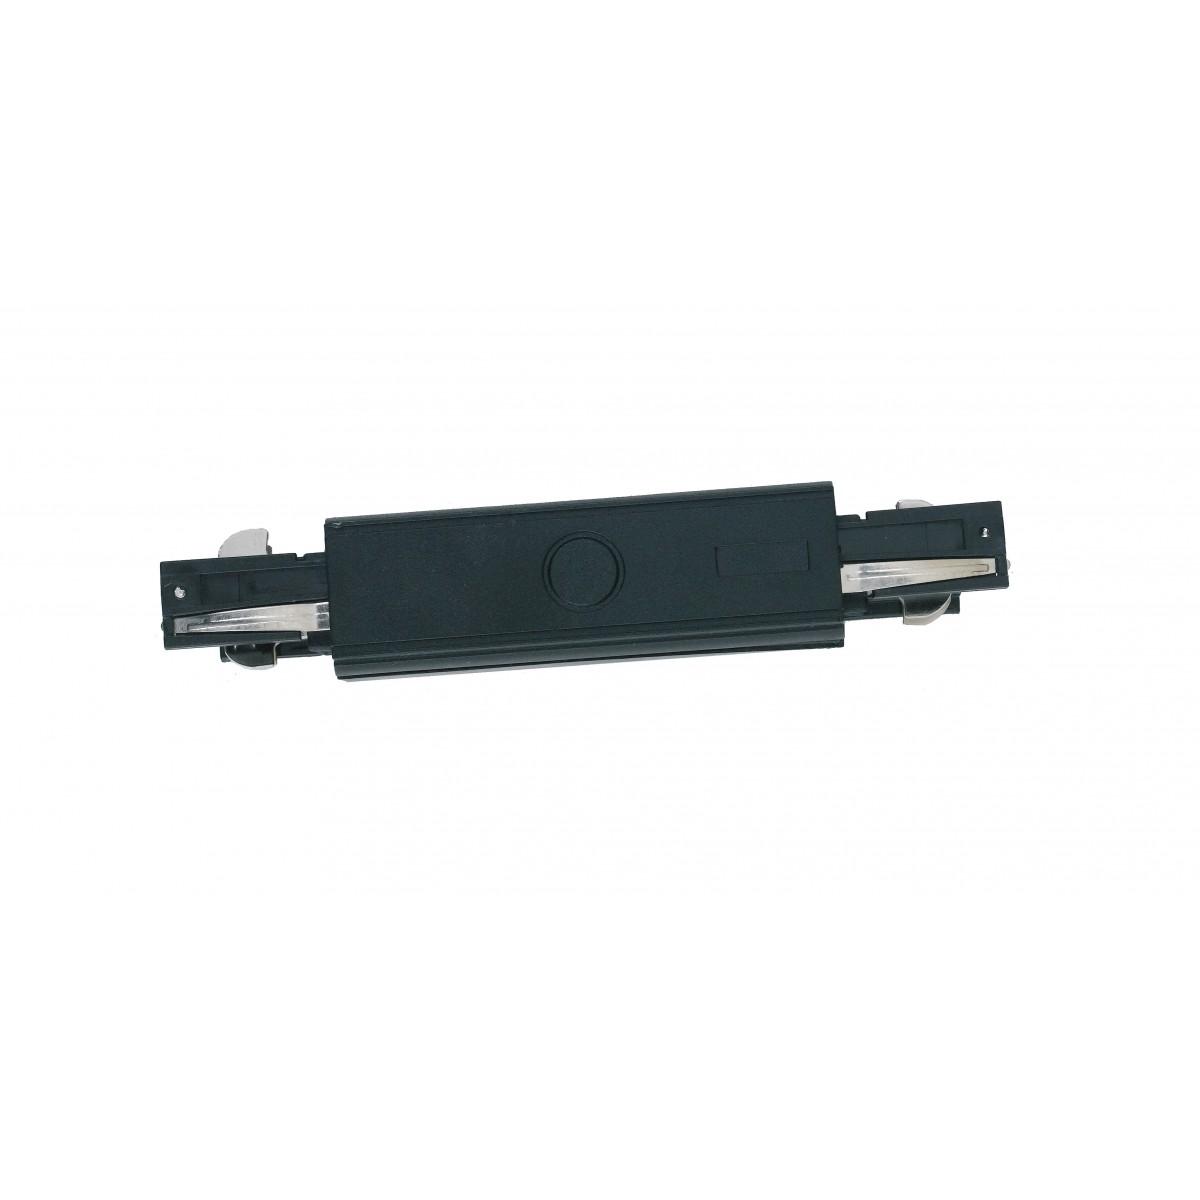 LED-TRACK-I BLACK - Connecteur pour